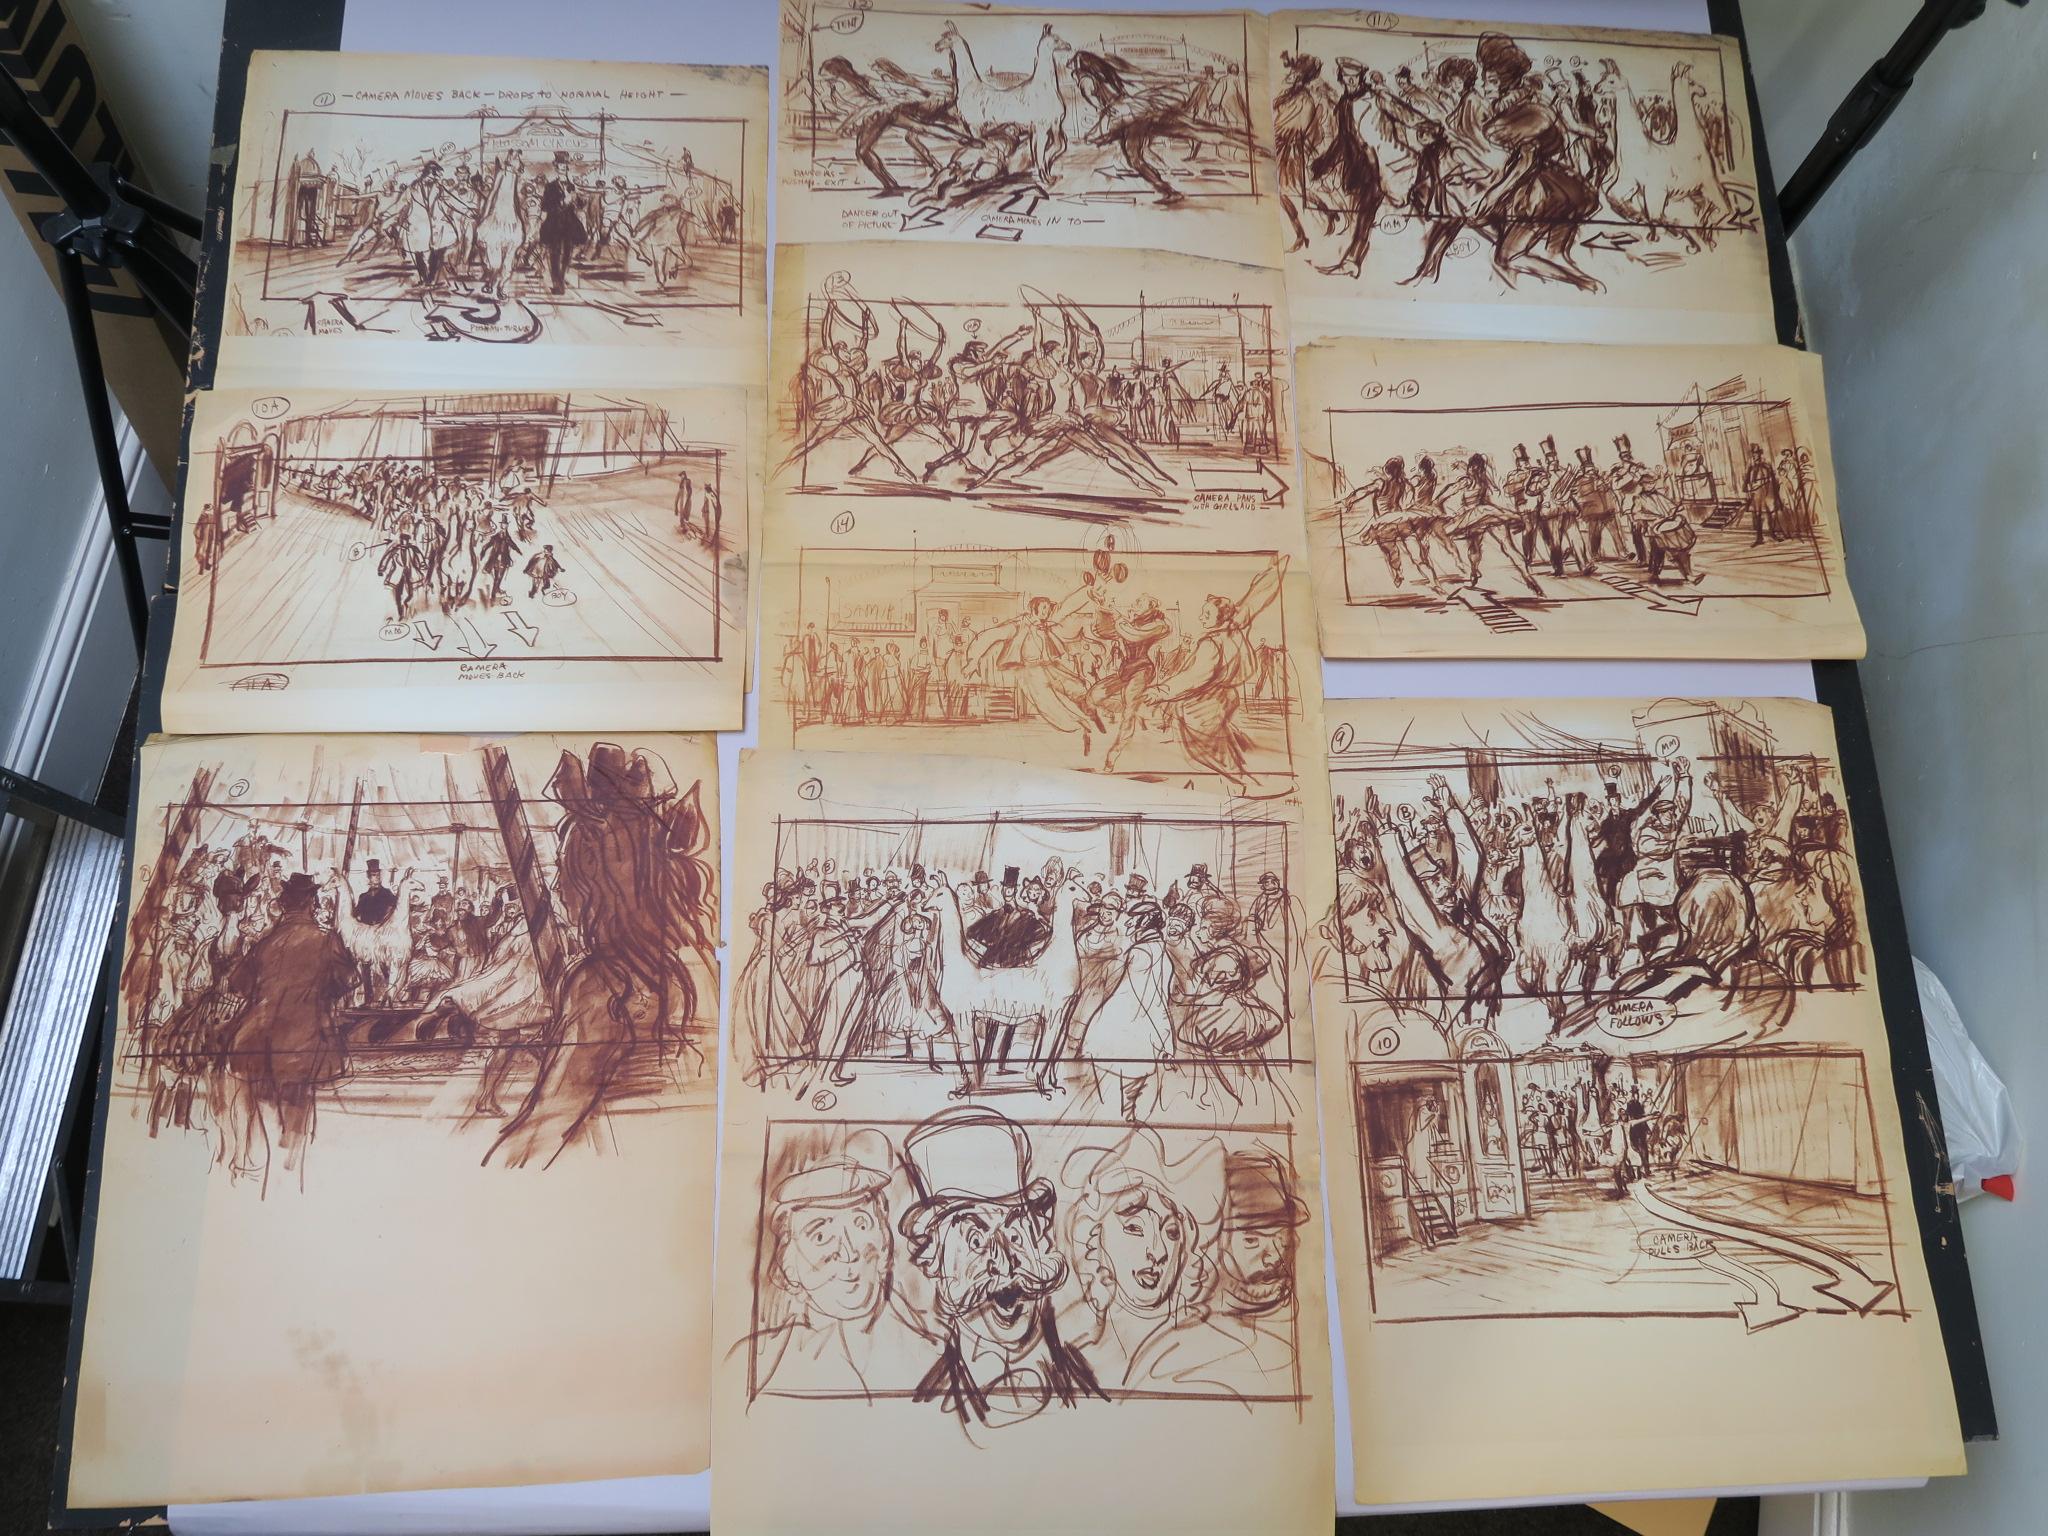 Lot 106 - Doctor Dolittle (1967) printed storyboards by Mentor Huebner (production illustrator)depicting